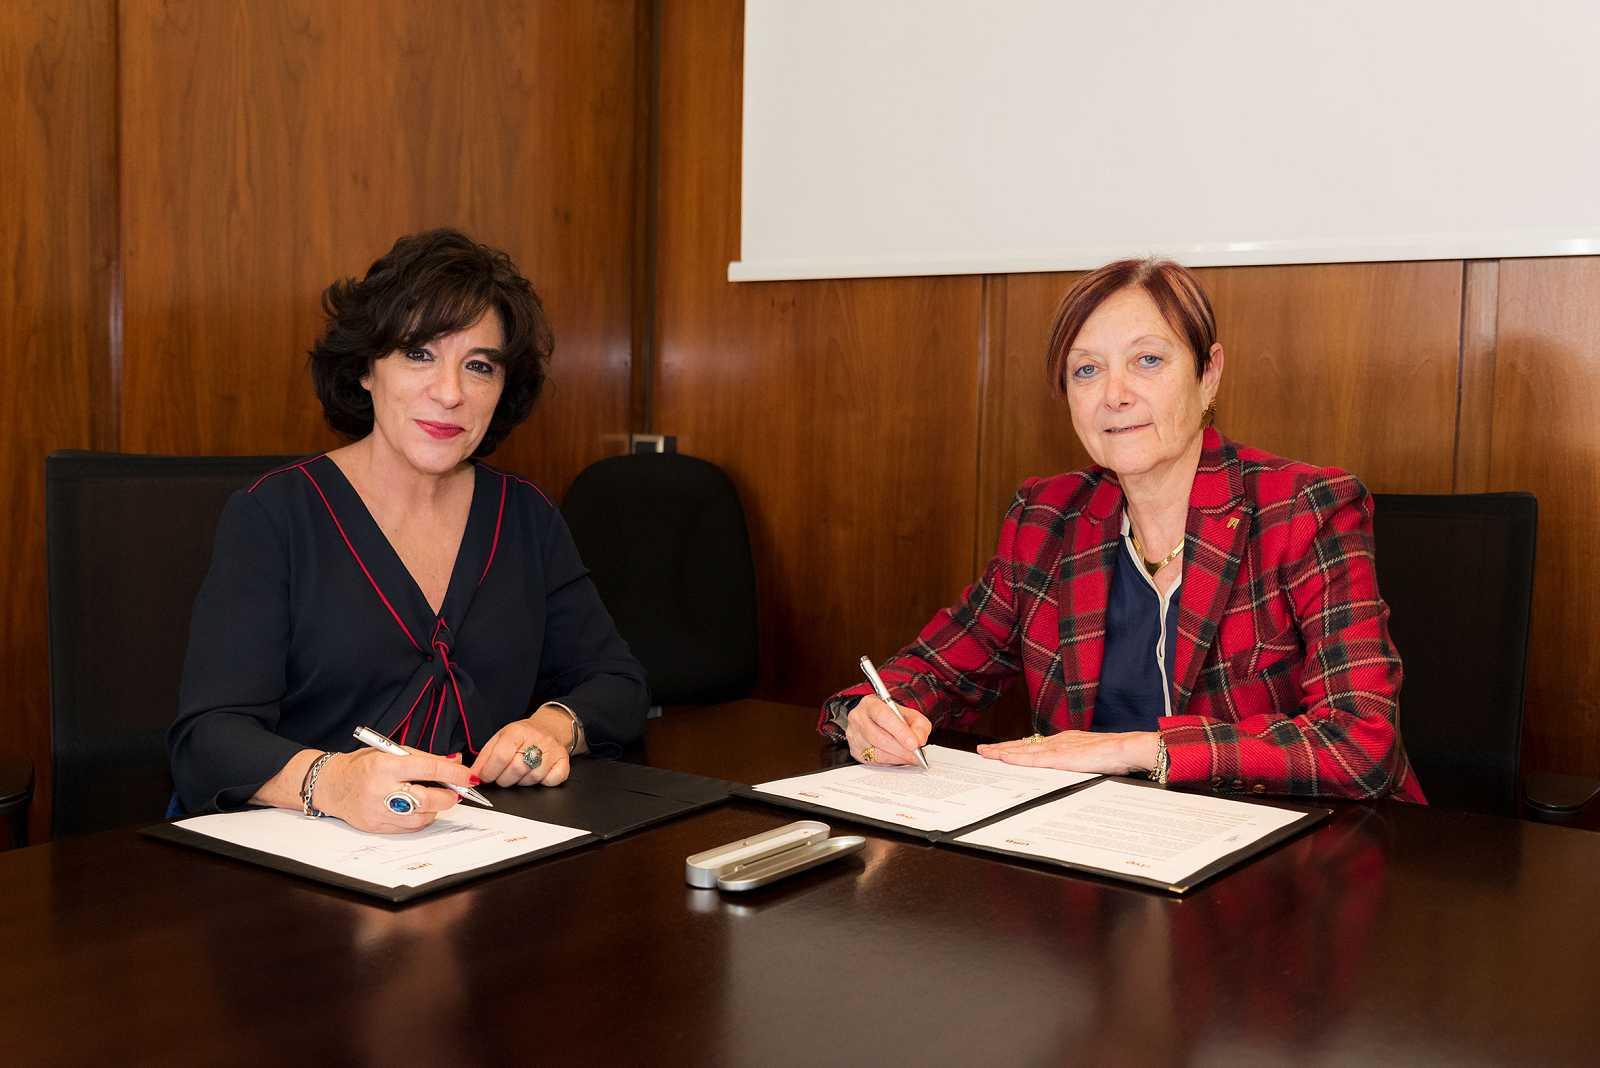 Paloma Zuriaga i Margarita Arboix signen el conveni al despatx de la rectora de la UAB